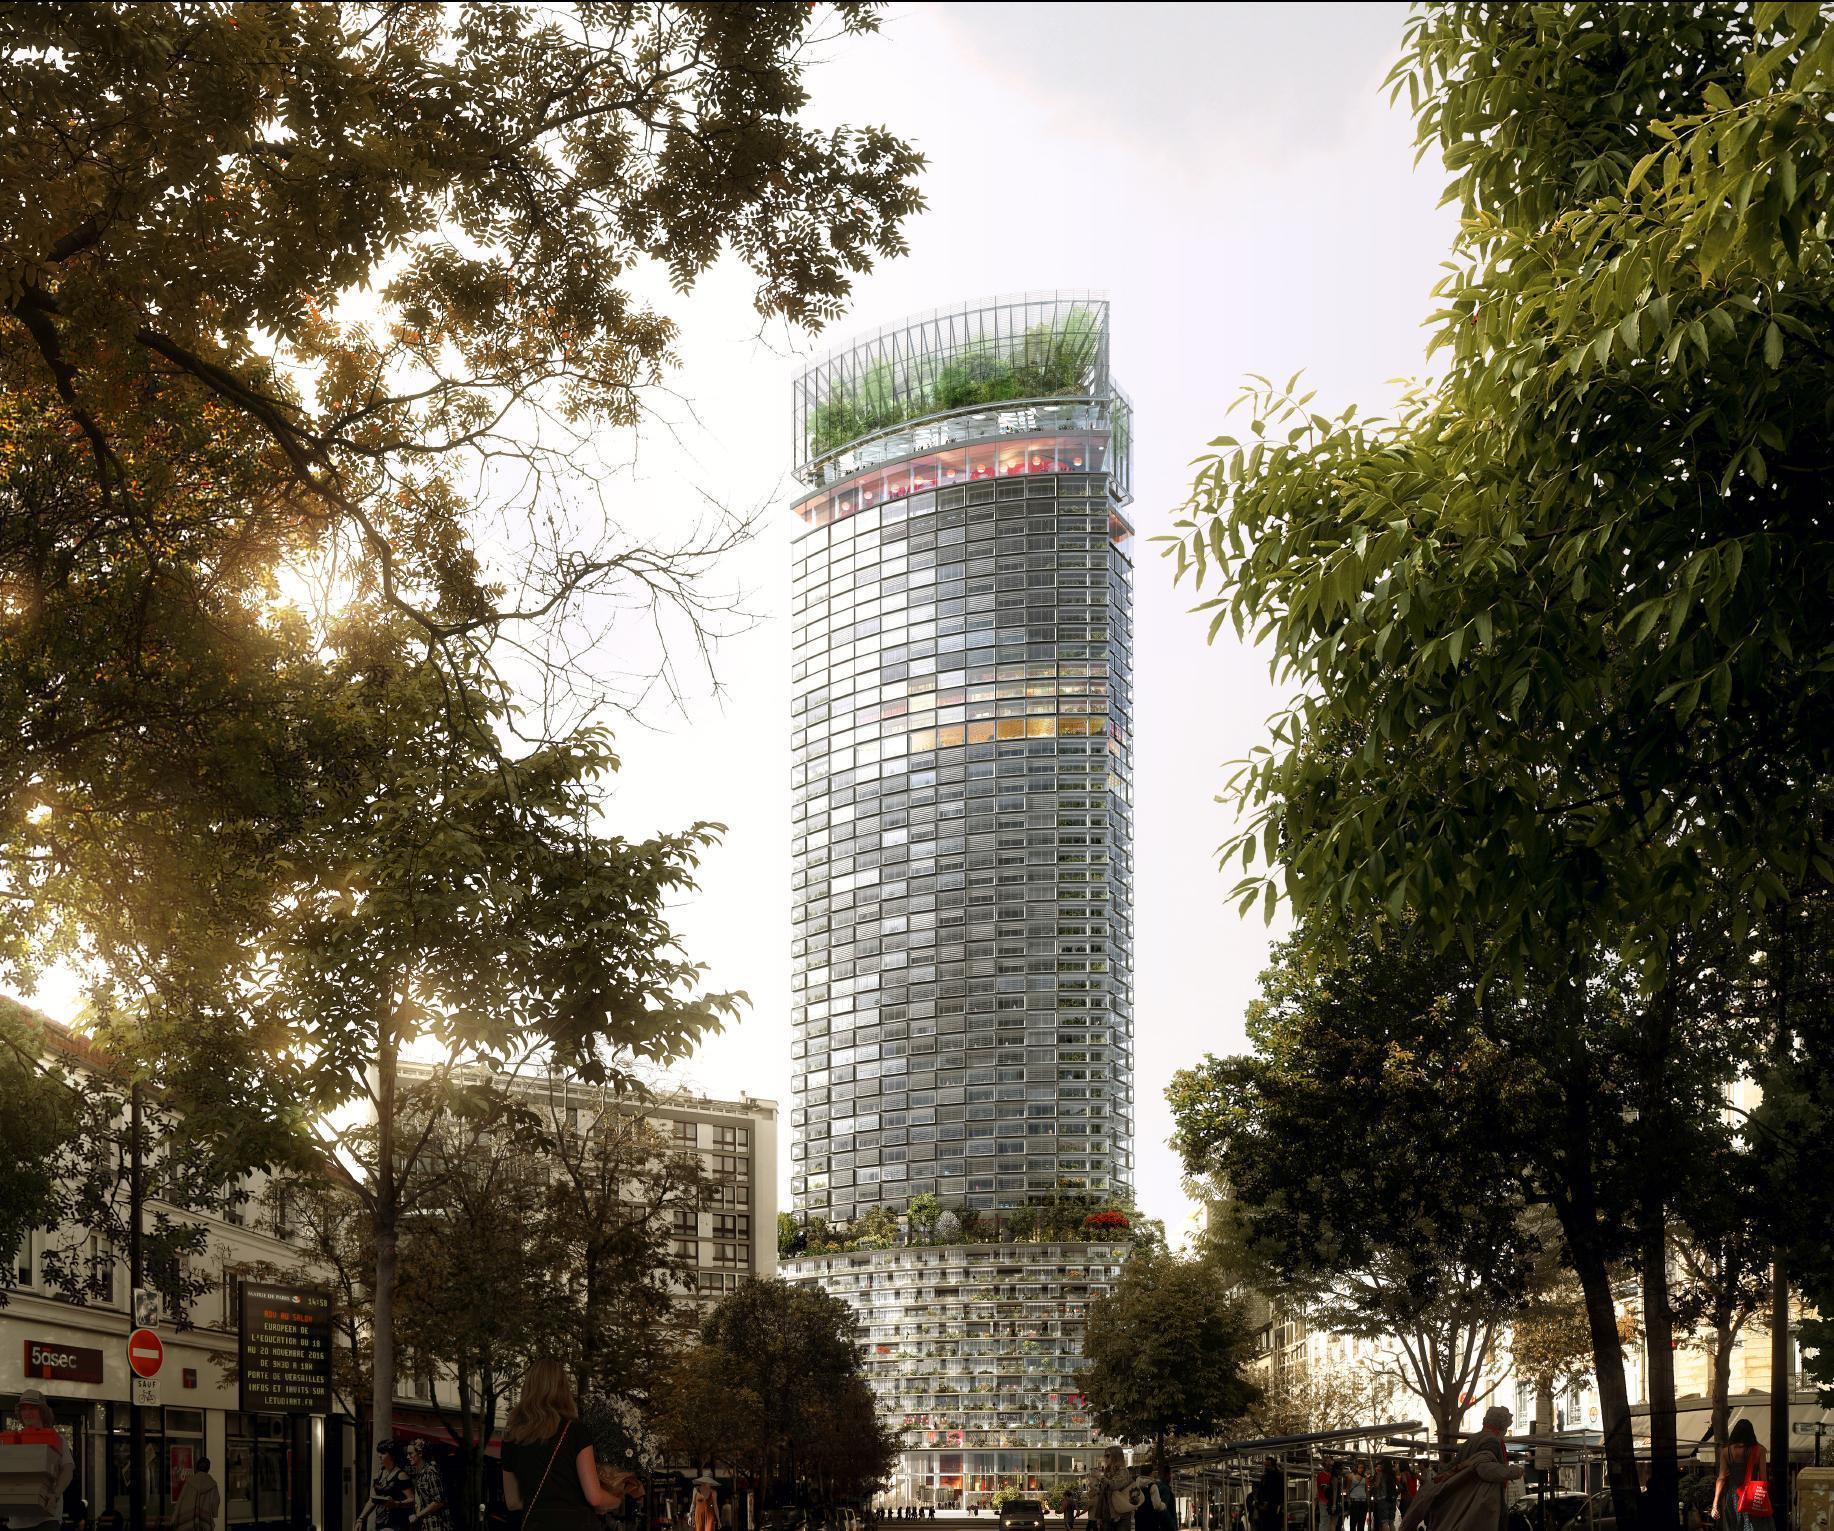 Plus épaisse, plus haute…Avec de la verdure pour faire passer la pilule. Vue officielle et donc idéalisée du projet de réhabilitation de la tour Montparnasse.